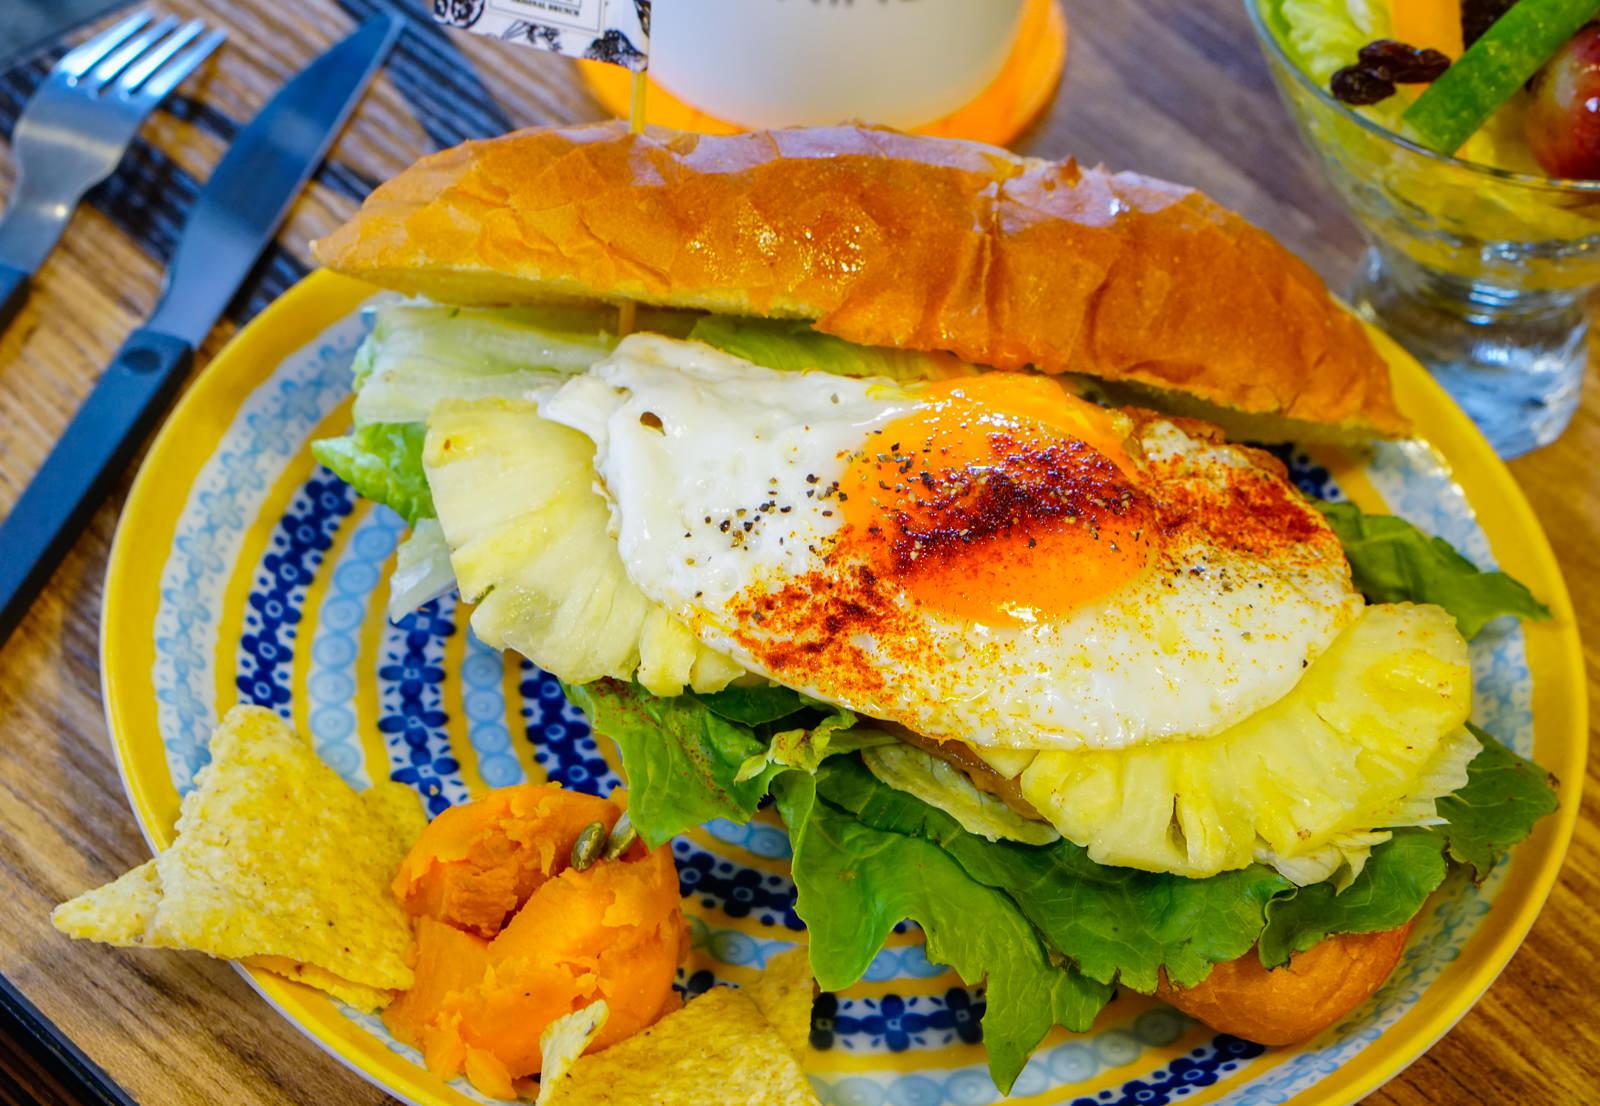 [高雄]原味好食輕食早午餐-兩手無法掌握的超大三明治 品嘗食物簡單美味 高雄早午餐推薦